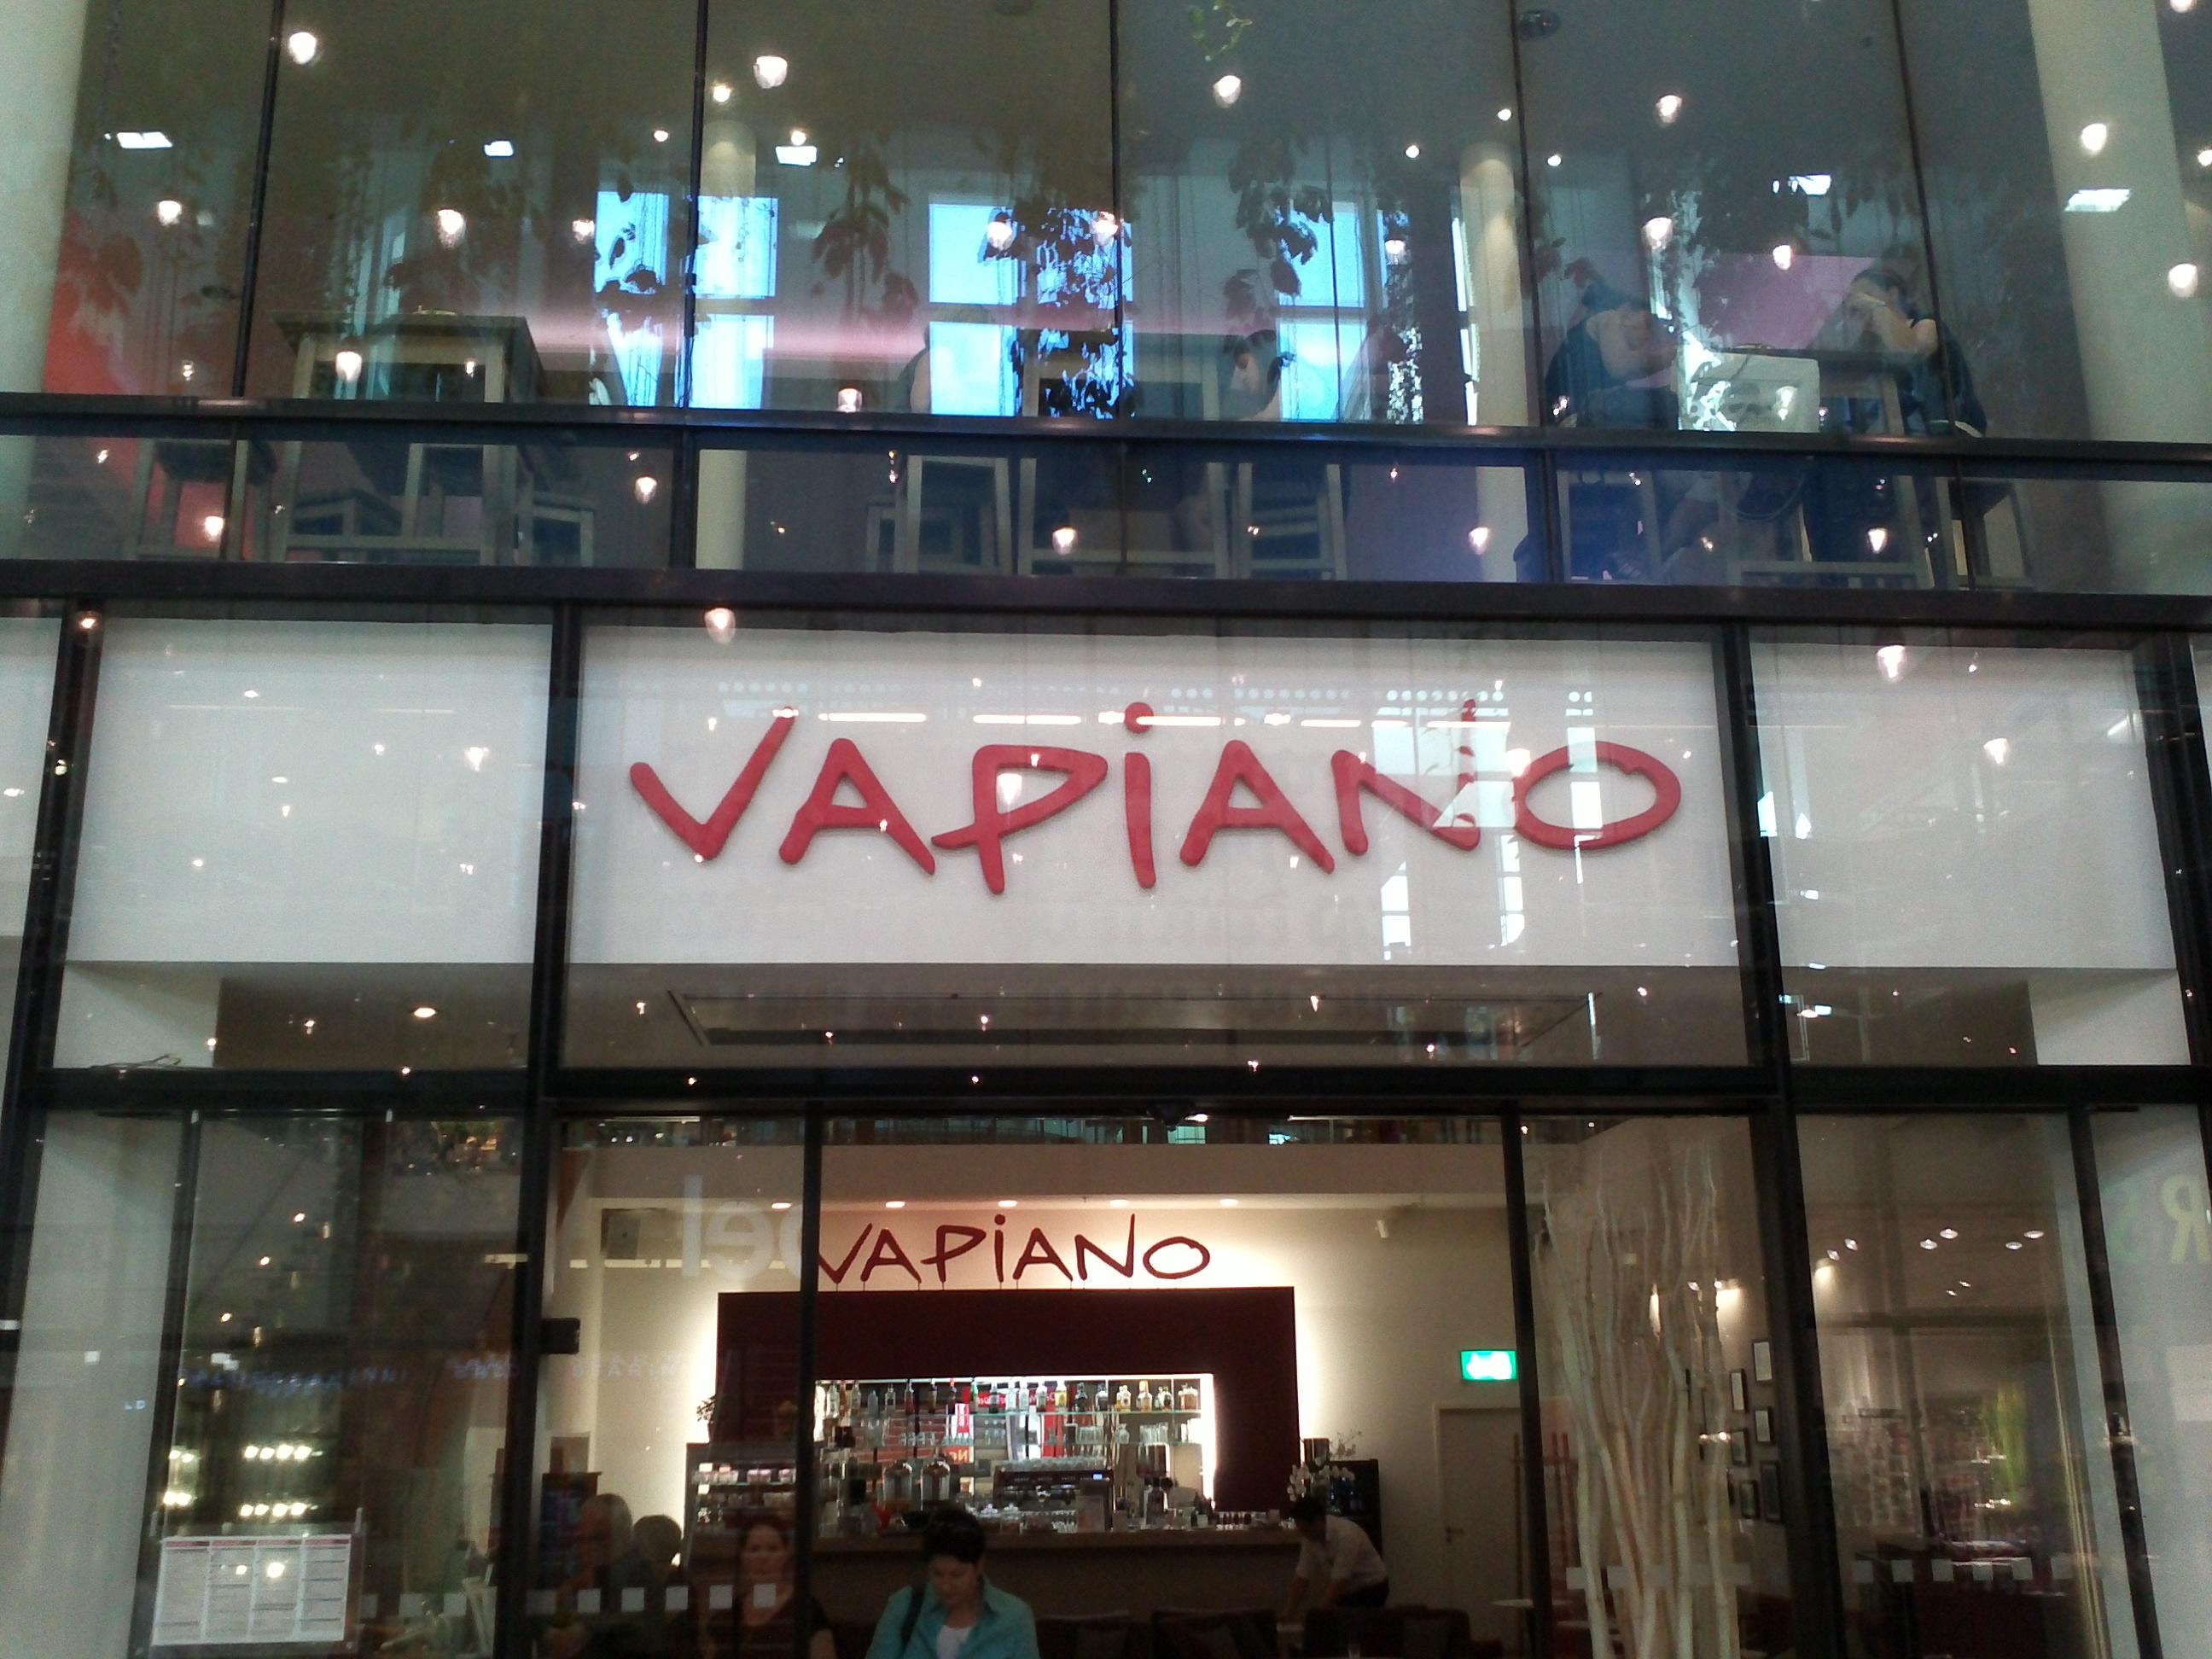 Vapiano Pasta, Pizza und Bar - Restaurant nähe Marienplatz Fünf Höfe München - 4 Standorte in Bayerns wunderschöne Landeshauptstadt